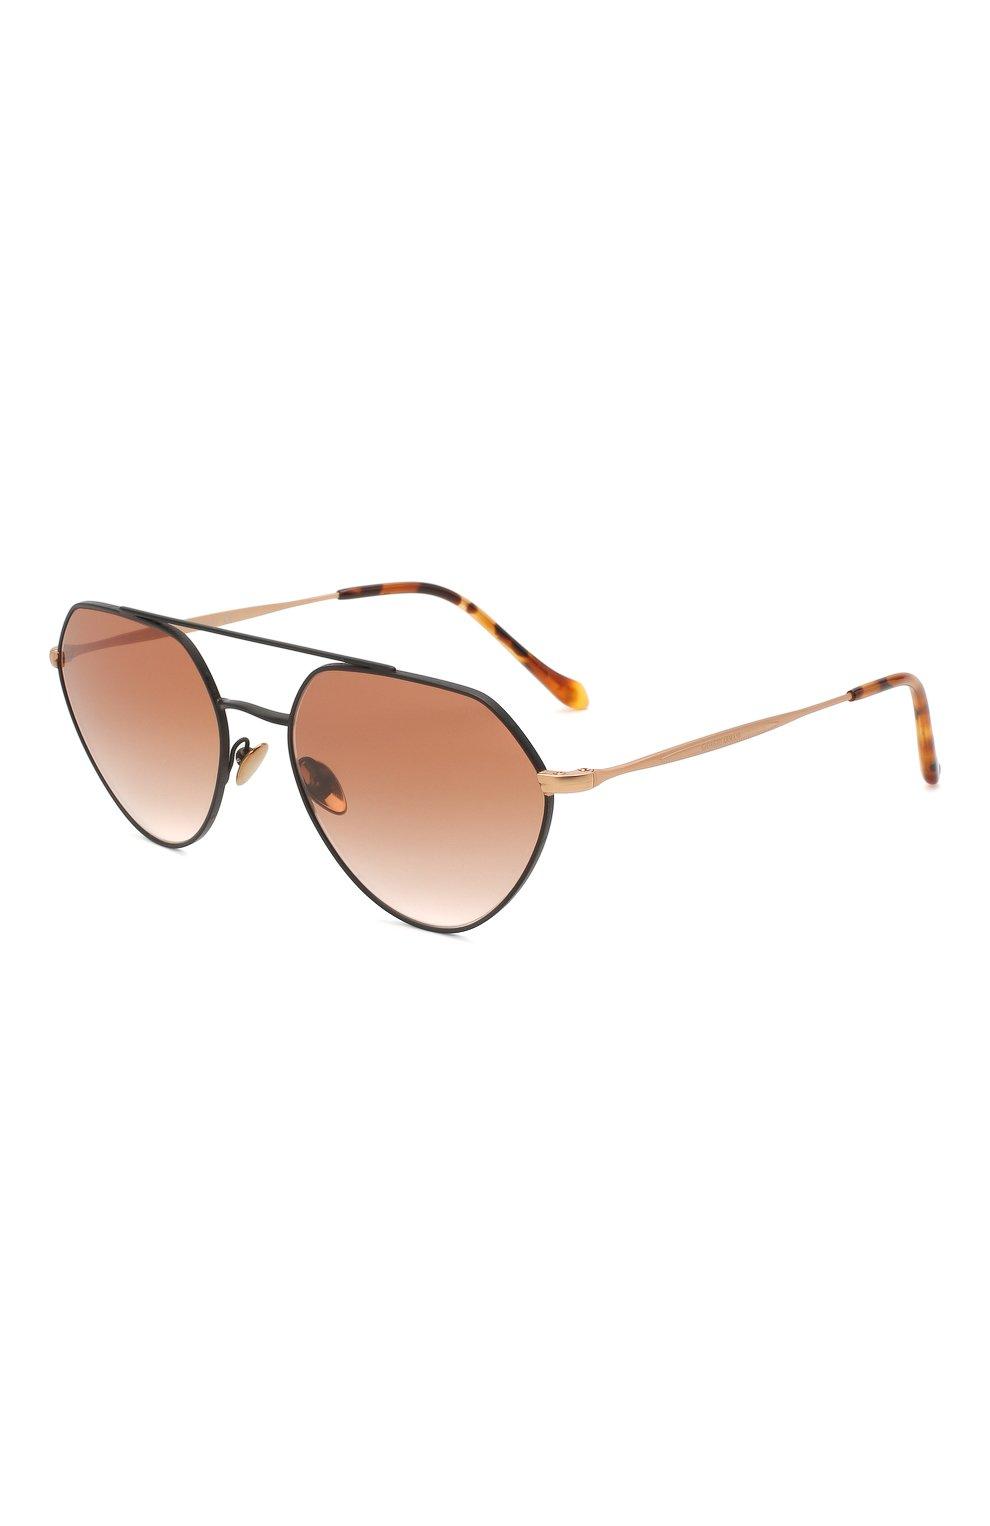 Мужские солнцезащитные очки GIORGIO ARMANI коричневого цвета, арт. AR6111 | Фото 1